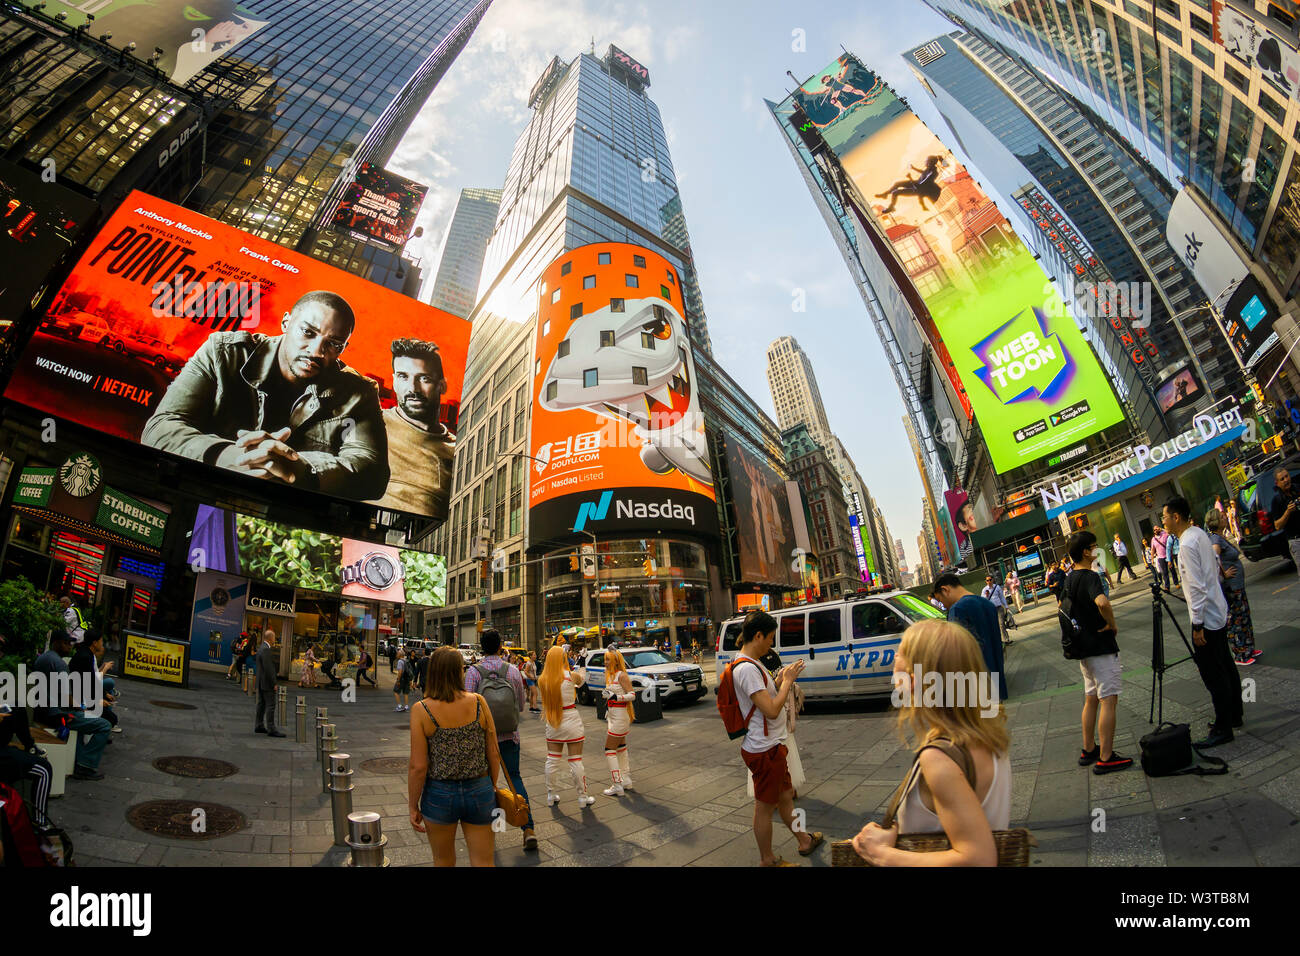 Los empleados con sus familias y amigos se reúnen en la pantalla gigante de vídeo en el índice Nasdaq, en Times Square en Nueva York decorado para el debut de la International Holdings Ltd. DouYu oferta pública inicial el miércoles, 17 de julio de 2019. DouYu es la mayor plataforma de streaming en vivo en China y está respaldada por Tencent Holdings Ltd. valorando la empresa en $3.73 mil millones es la mayor oferta pública inicial (OPI) de China en 2019. (© Richard B. Levine) Imagen De Stock